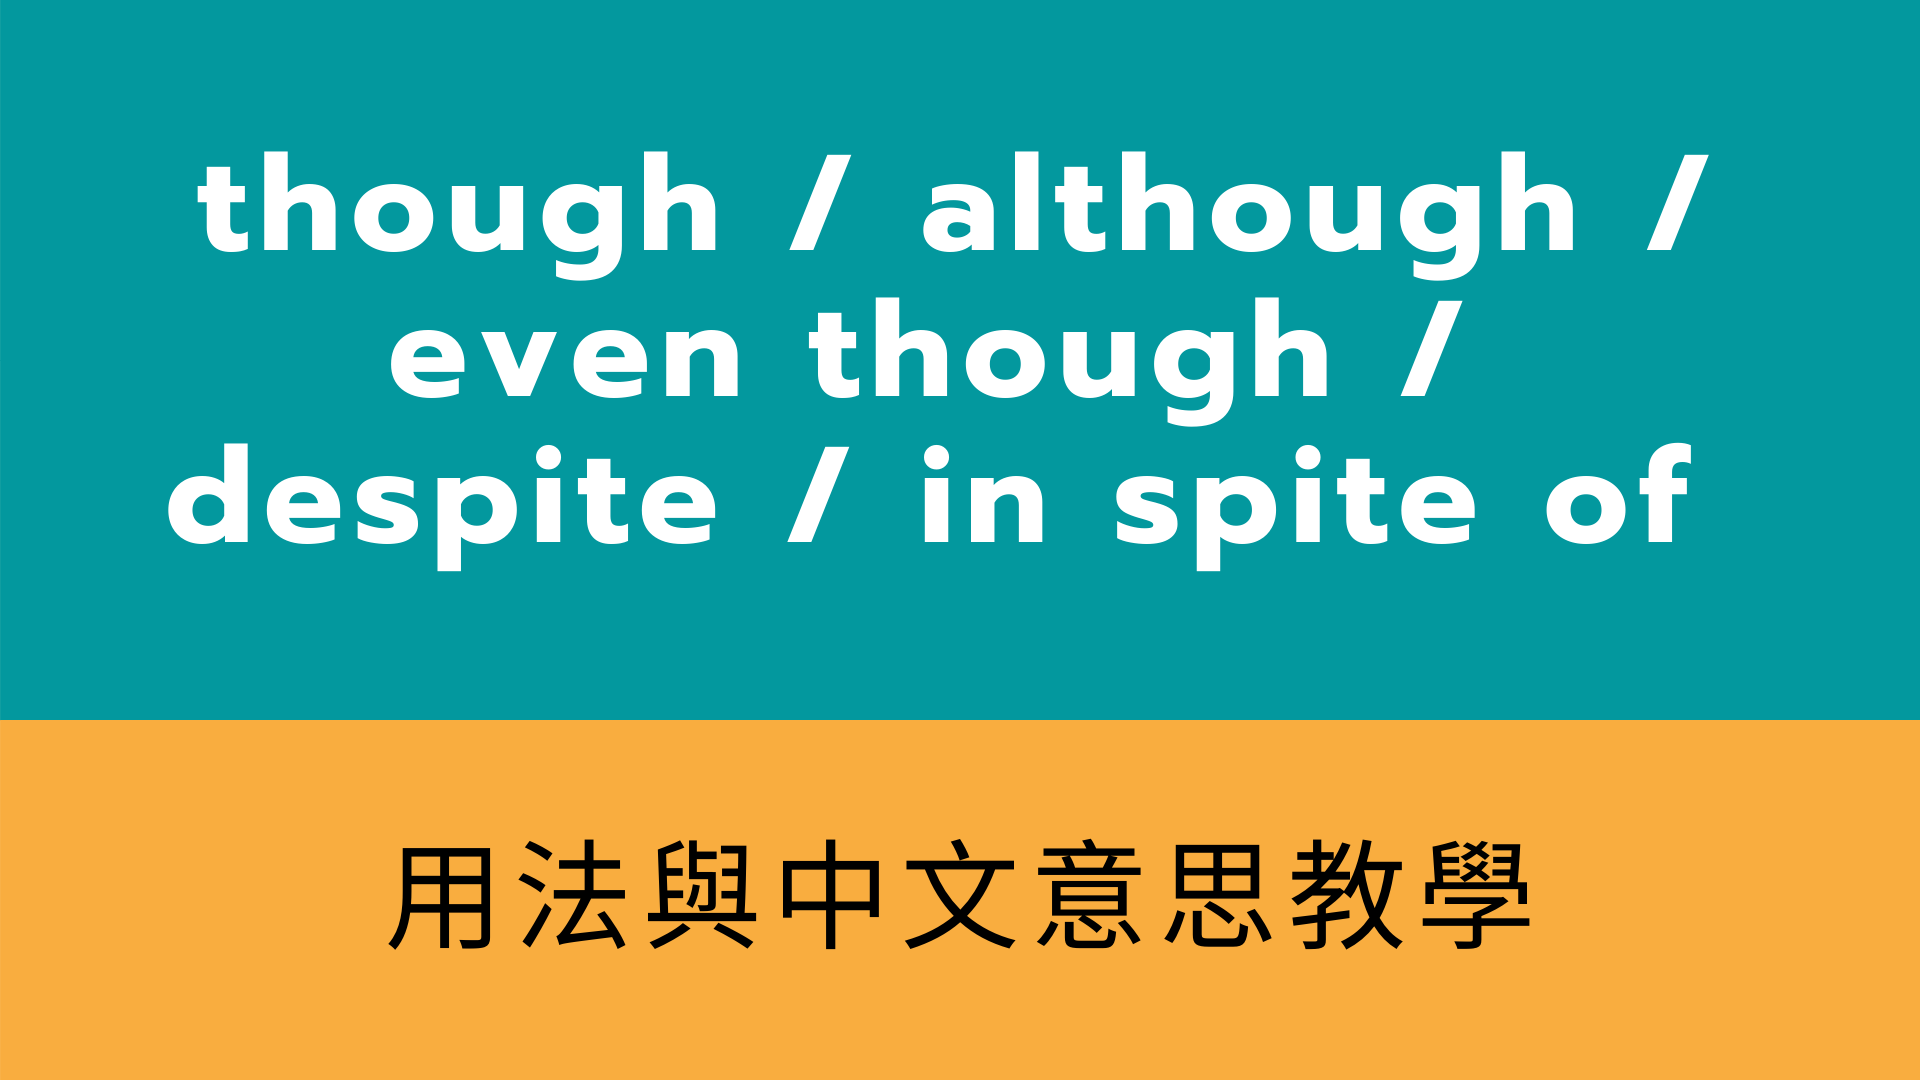 三分鐘搞懂 though / although / even though / despite / in spite of 中文意思跟用法!